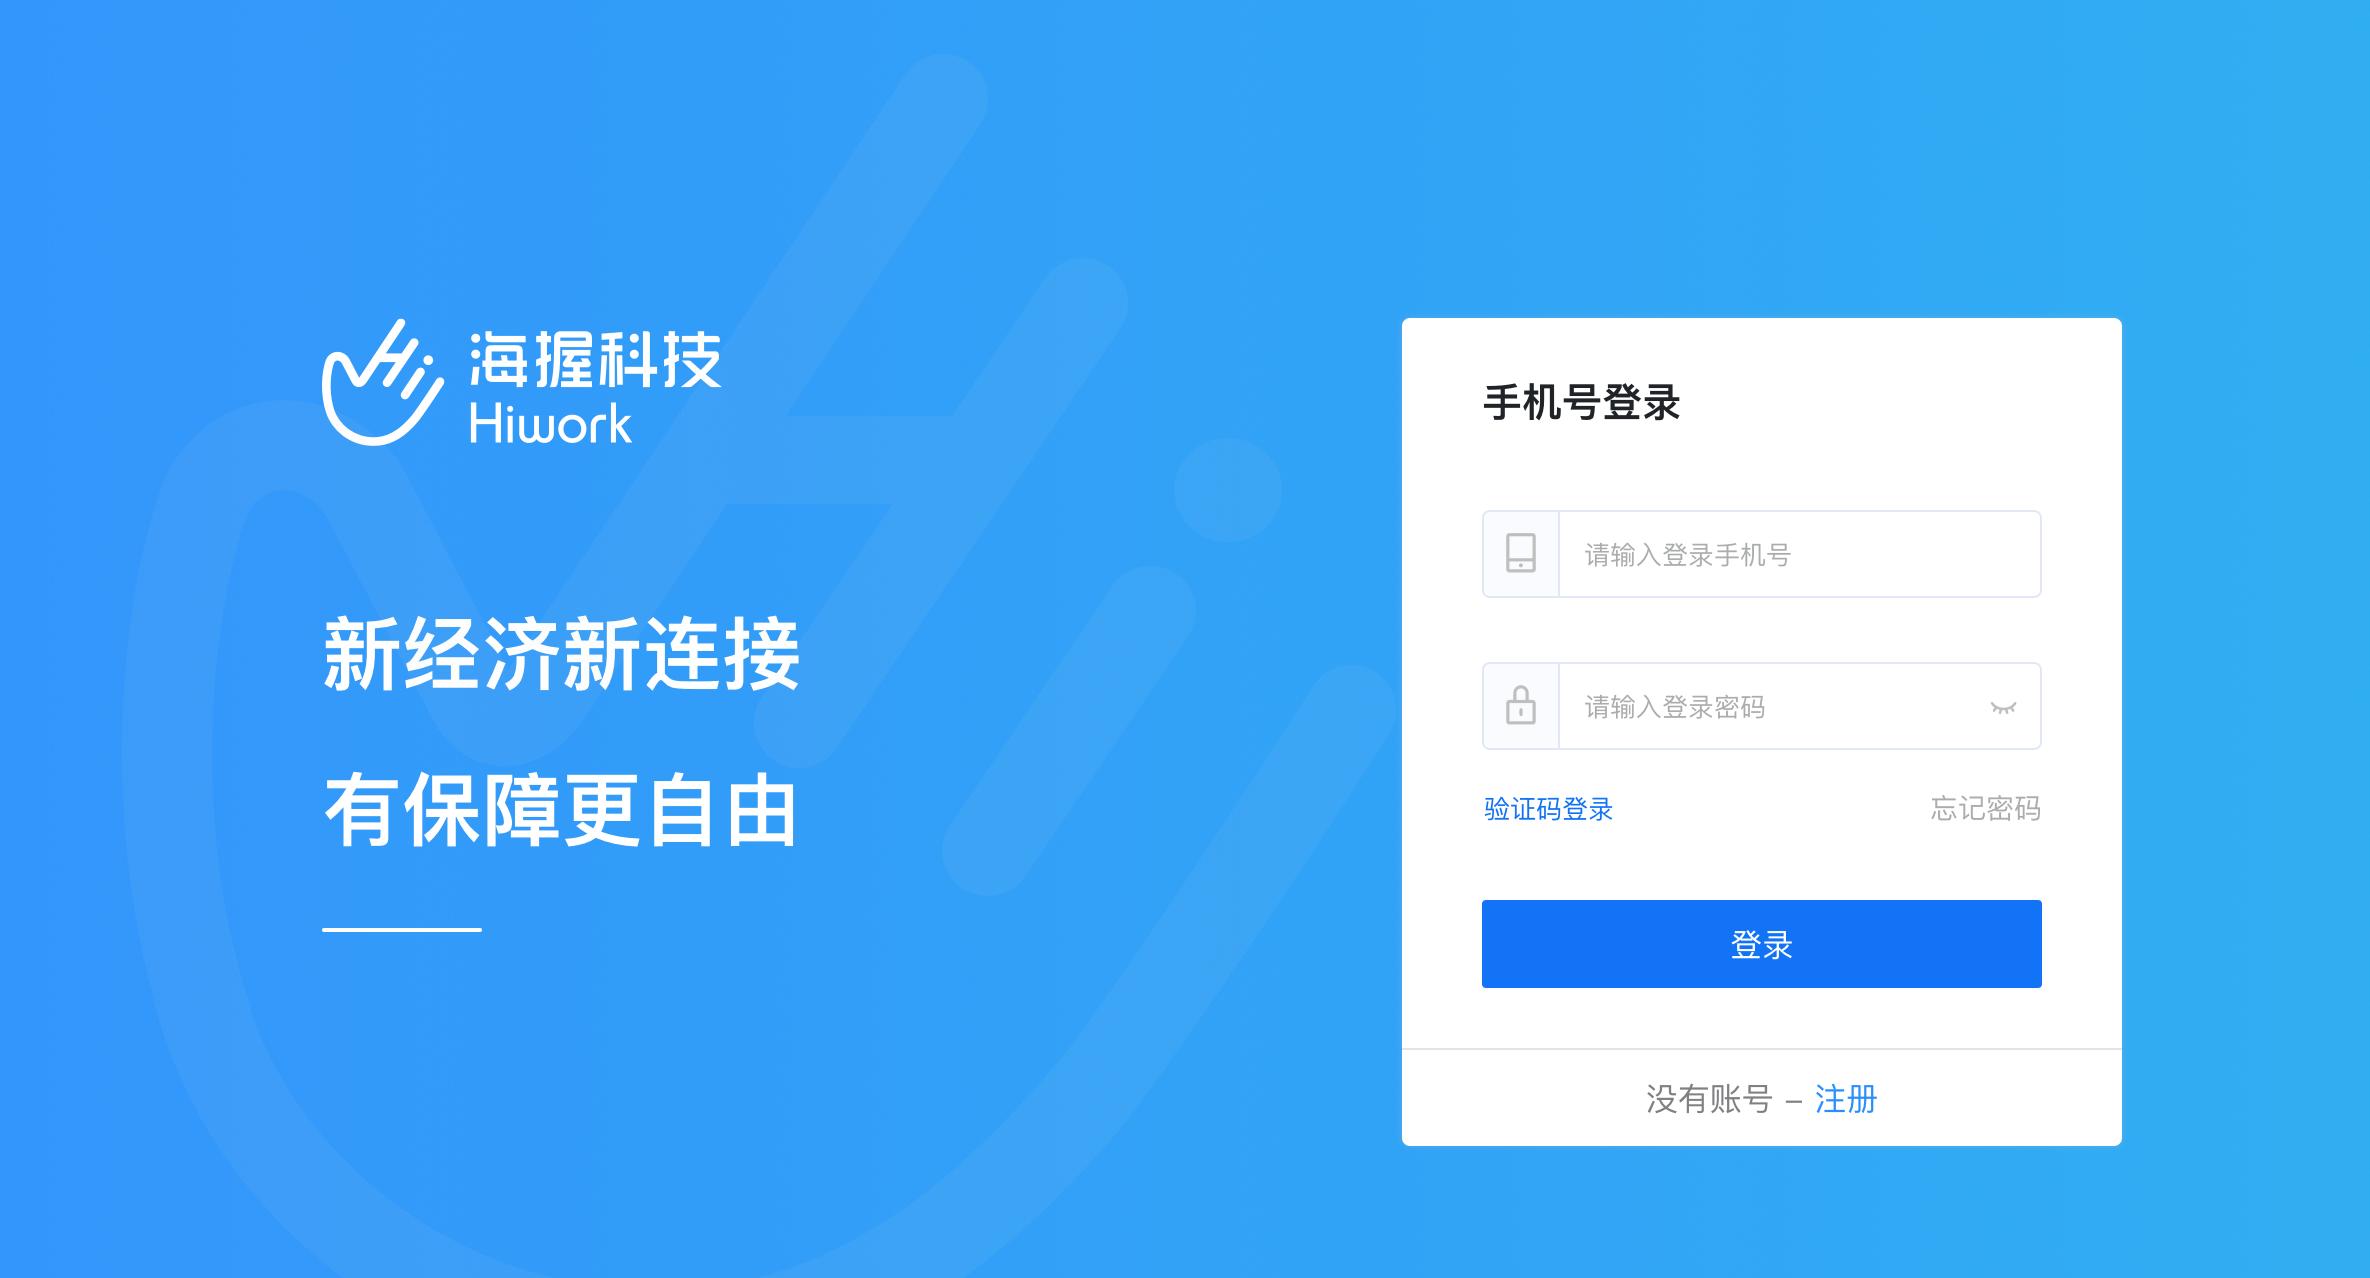 海握科技入选海南省自贸区制度创新案例